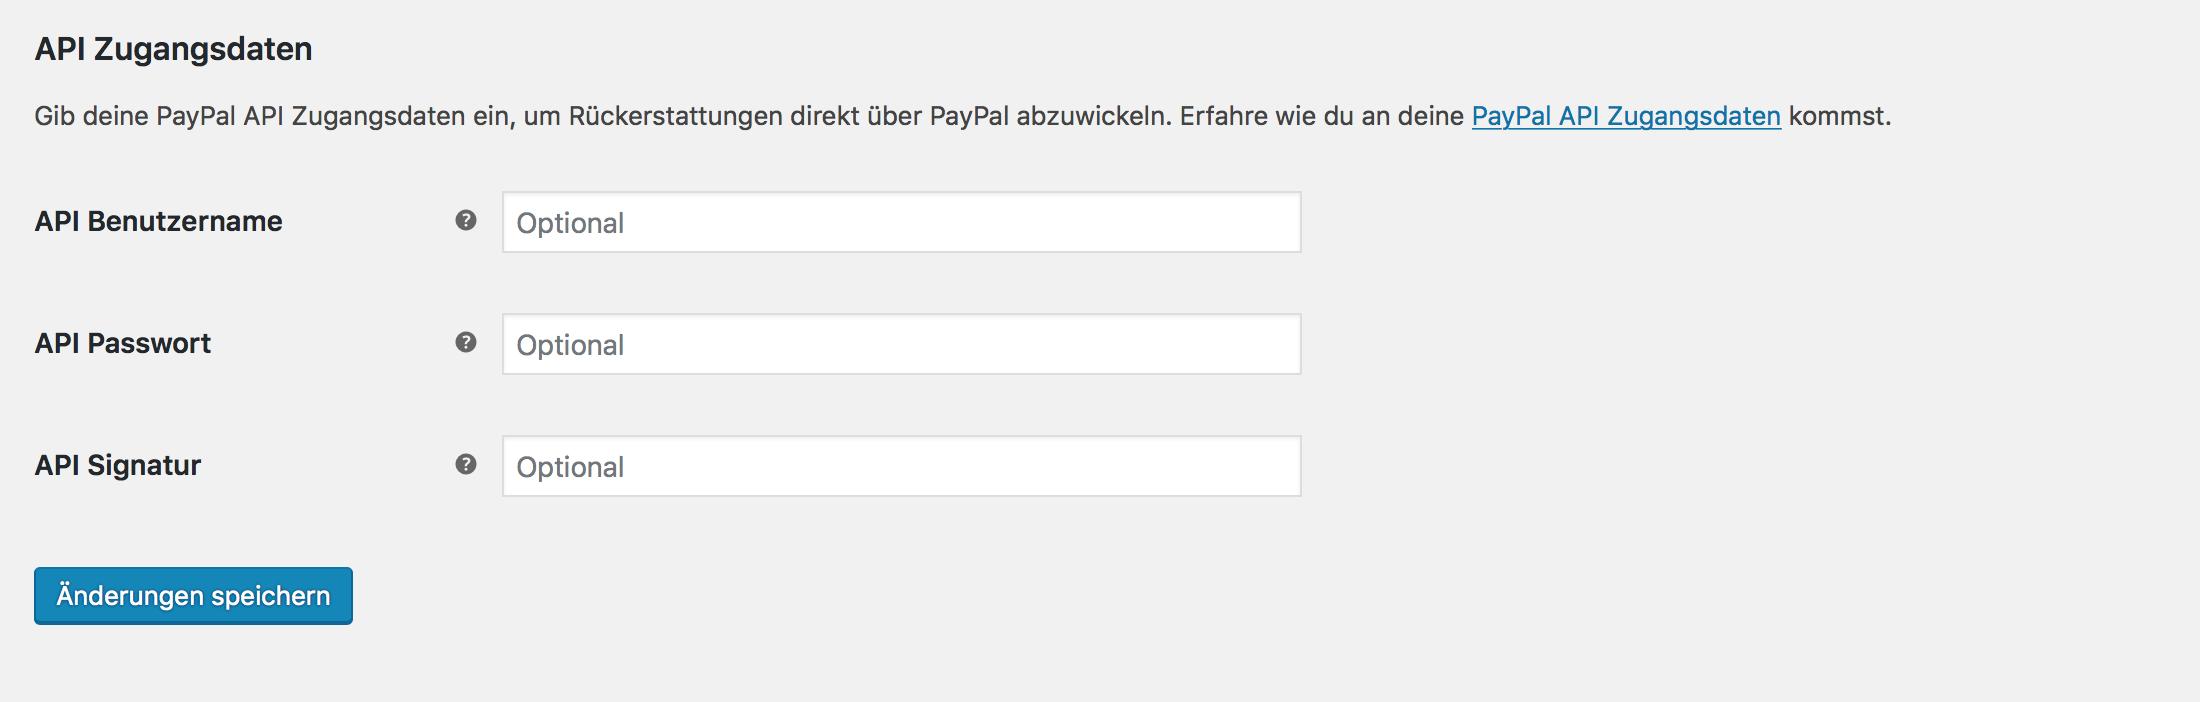 PayPal API Zugangsdaten eintragen